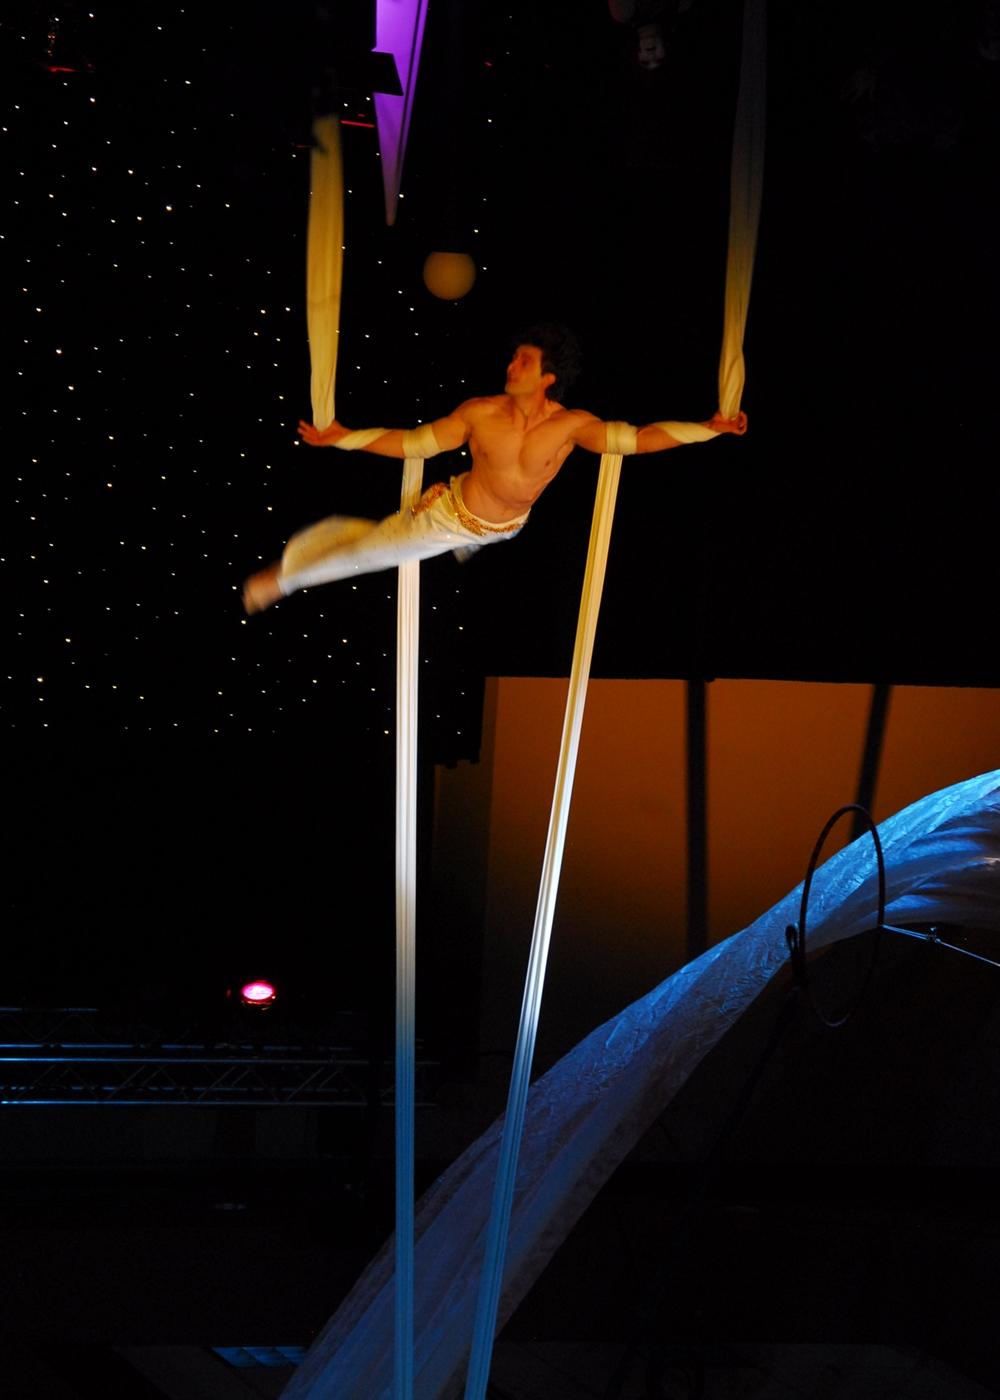 la-grande-cirque-7.jpg